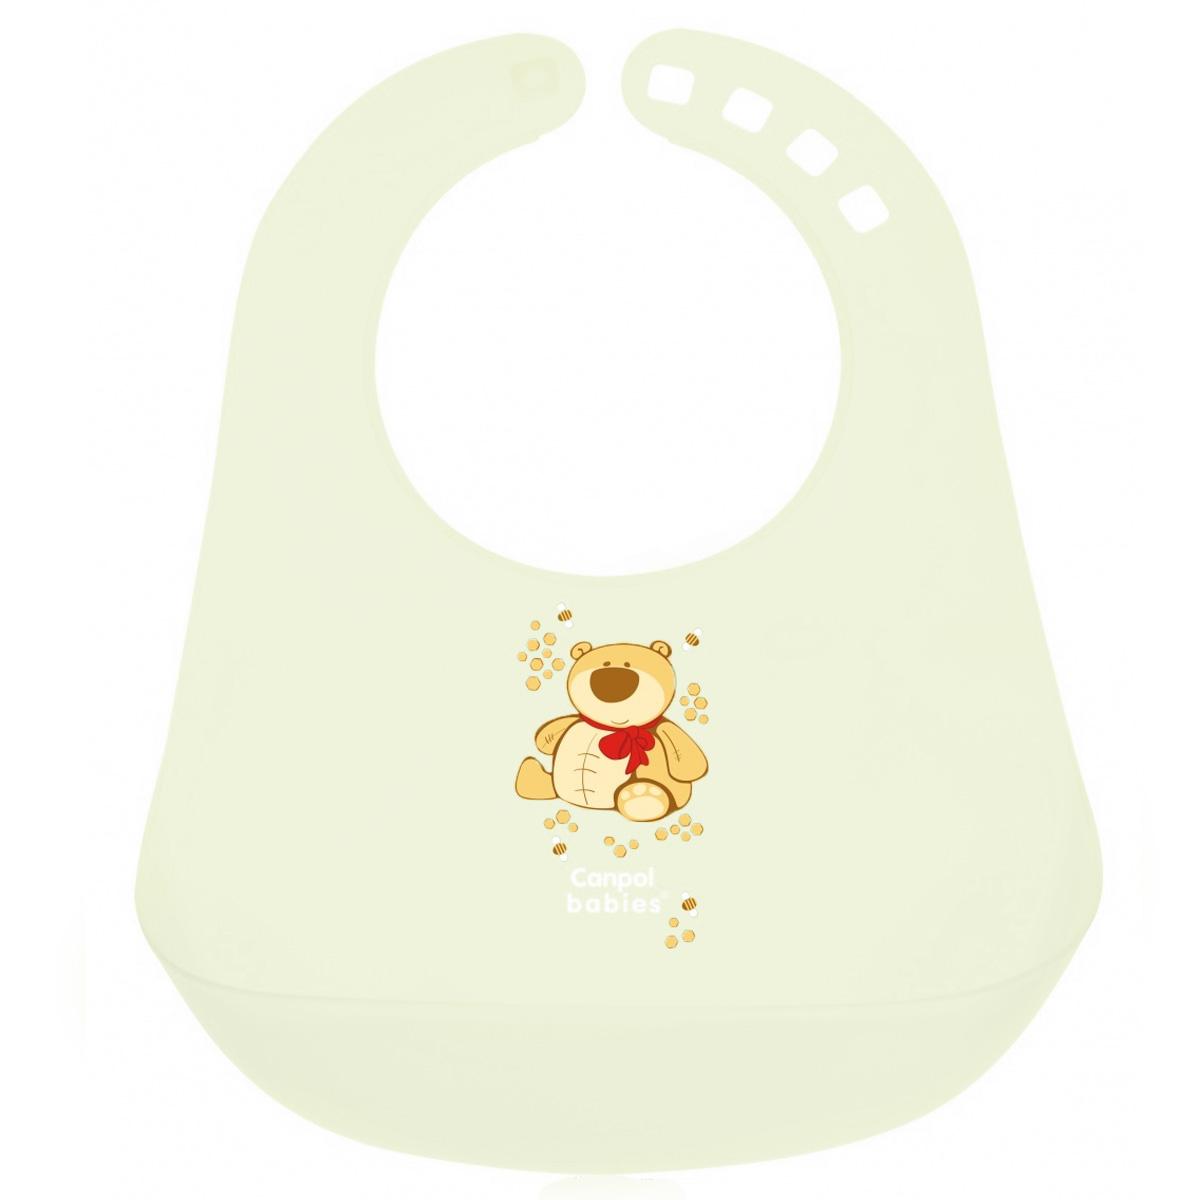 Canpol Babies Слюнявчик пластиковый цвет зеленый -  Все для детского кормления